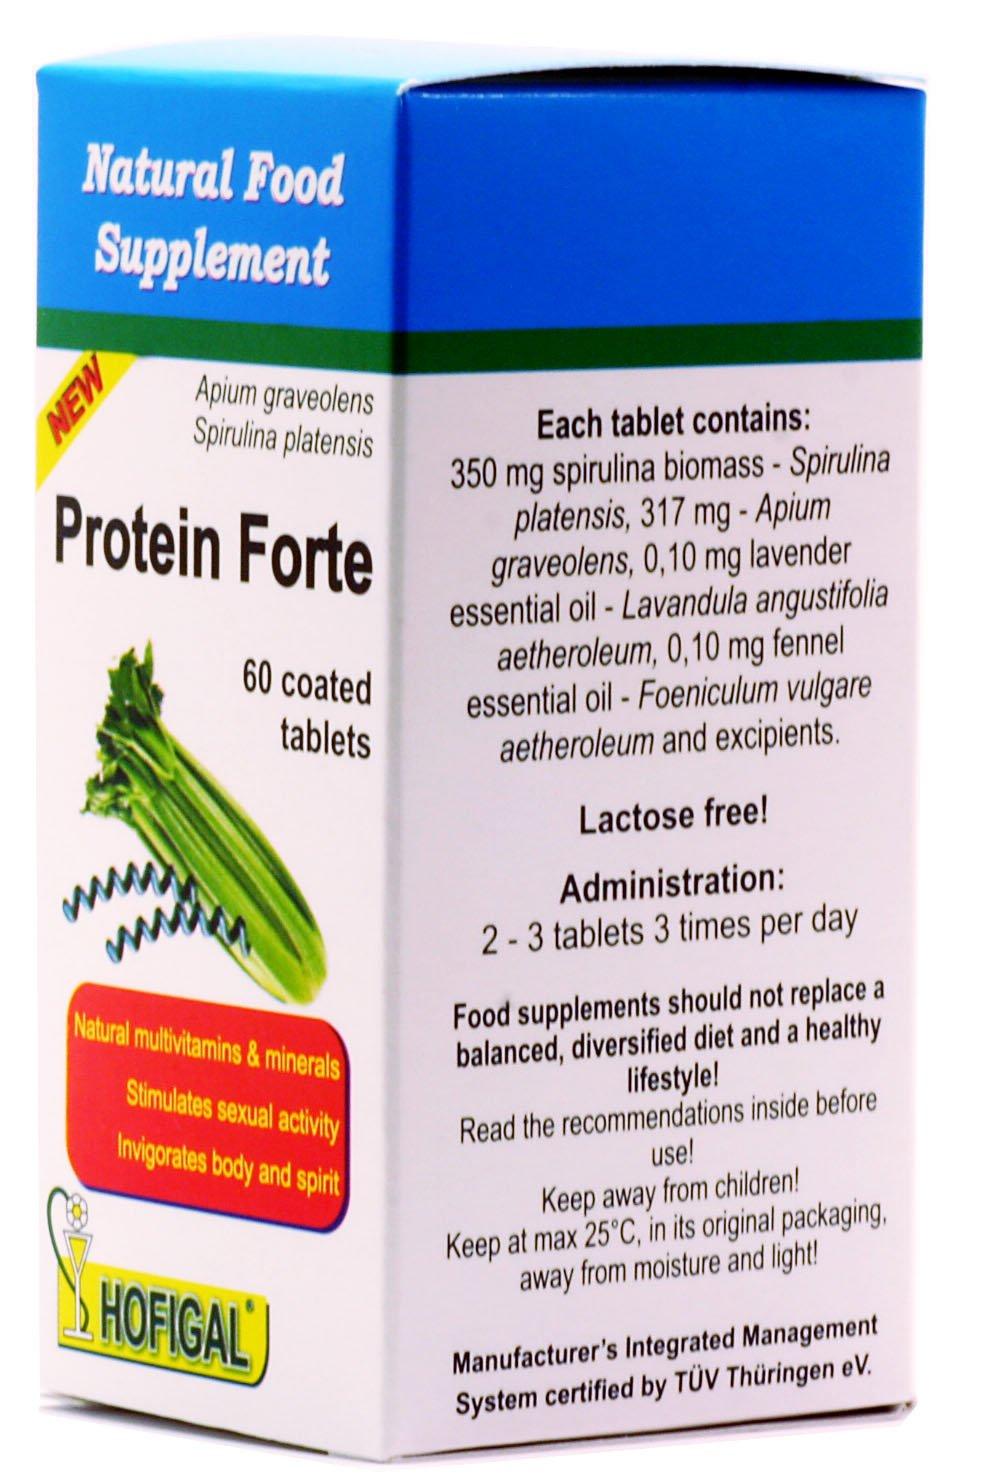 PROTEÍN FORTE - Multivitaminas y minerales NATURALES, 60 comprimidos recubiertos: Amazon.es: Salud y cuidado personal